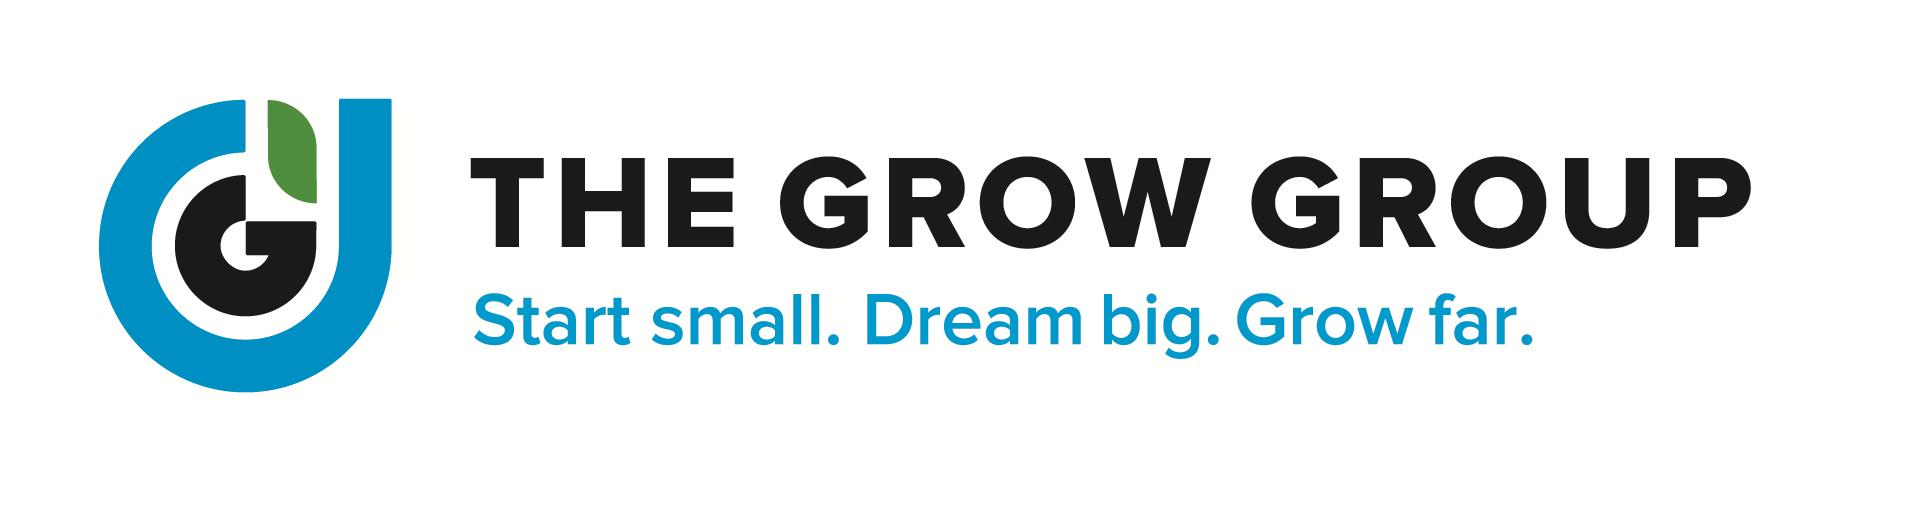 The Grow Group logo